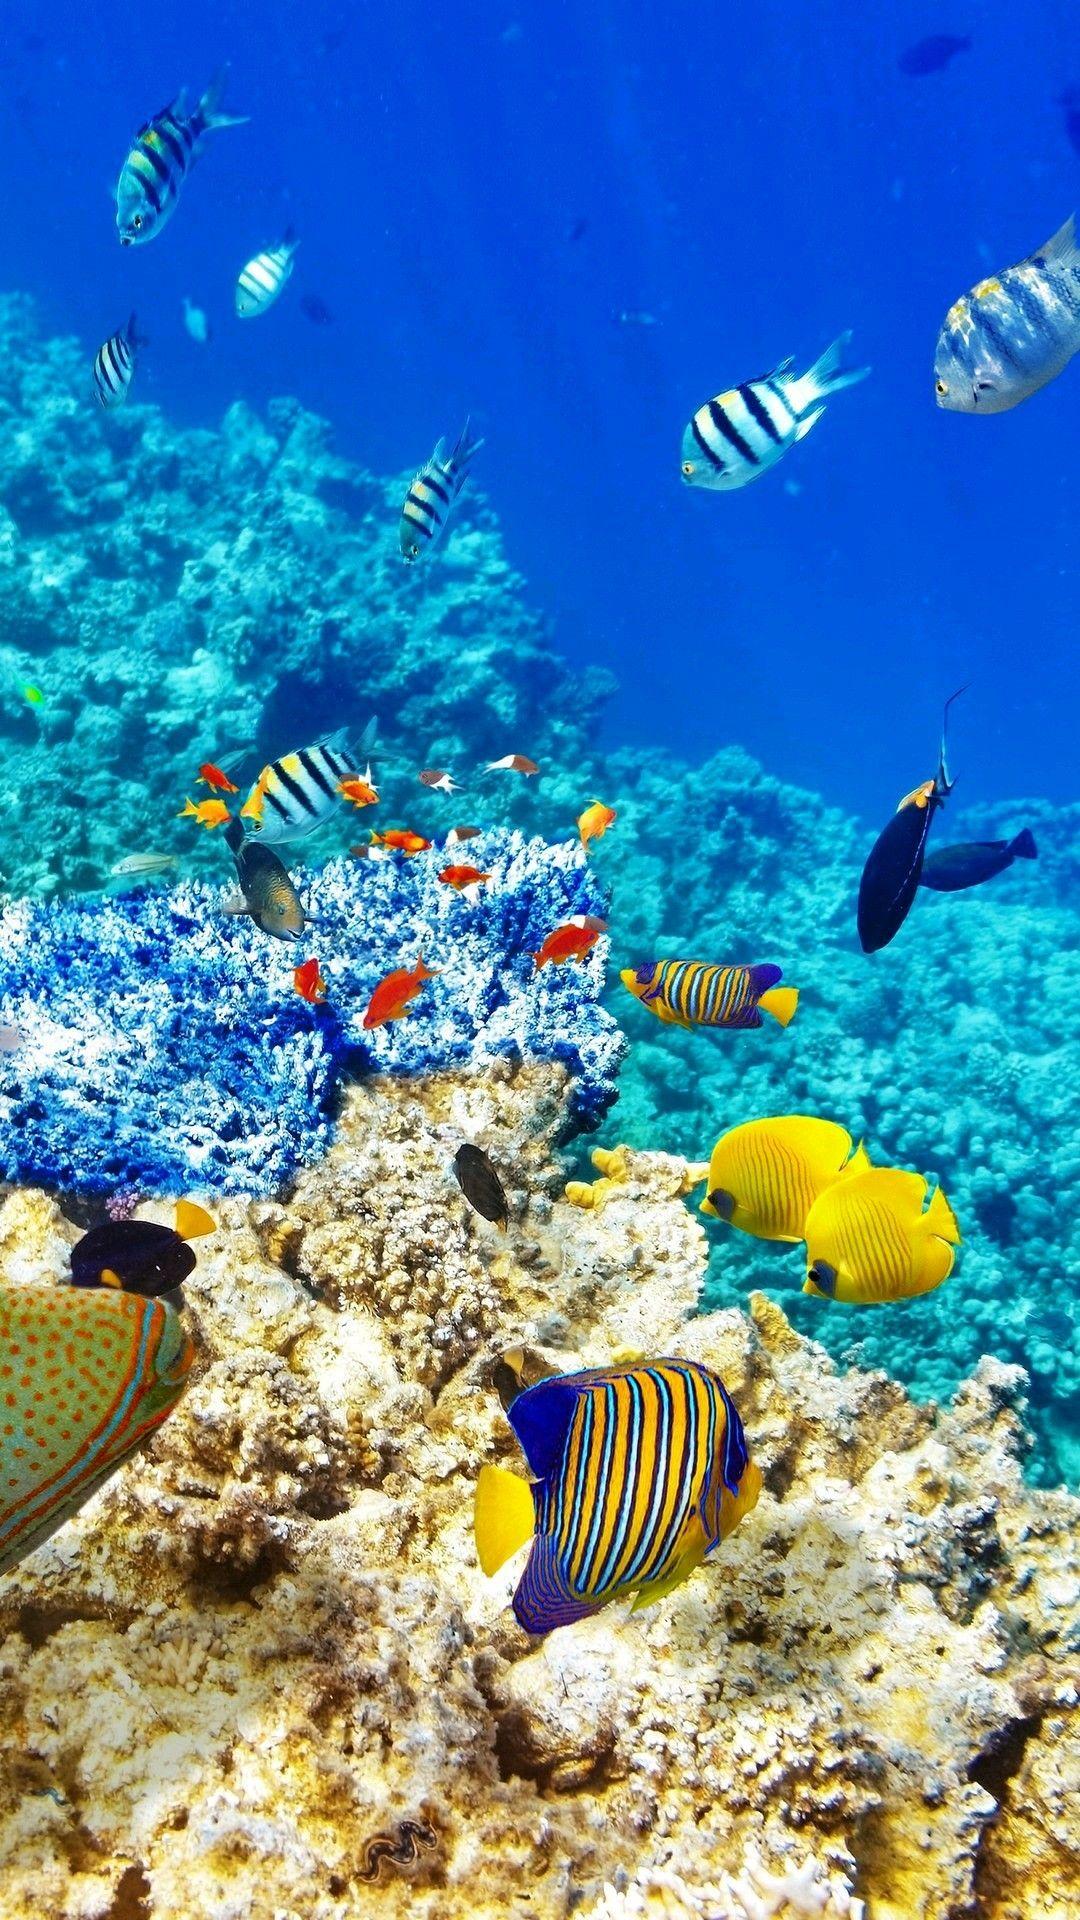 Fish Wallpaper Underwater Wallpaper Ocean Creatures Animals